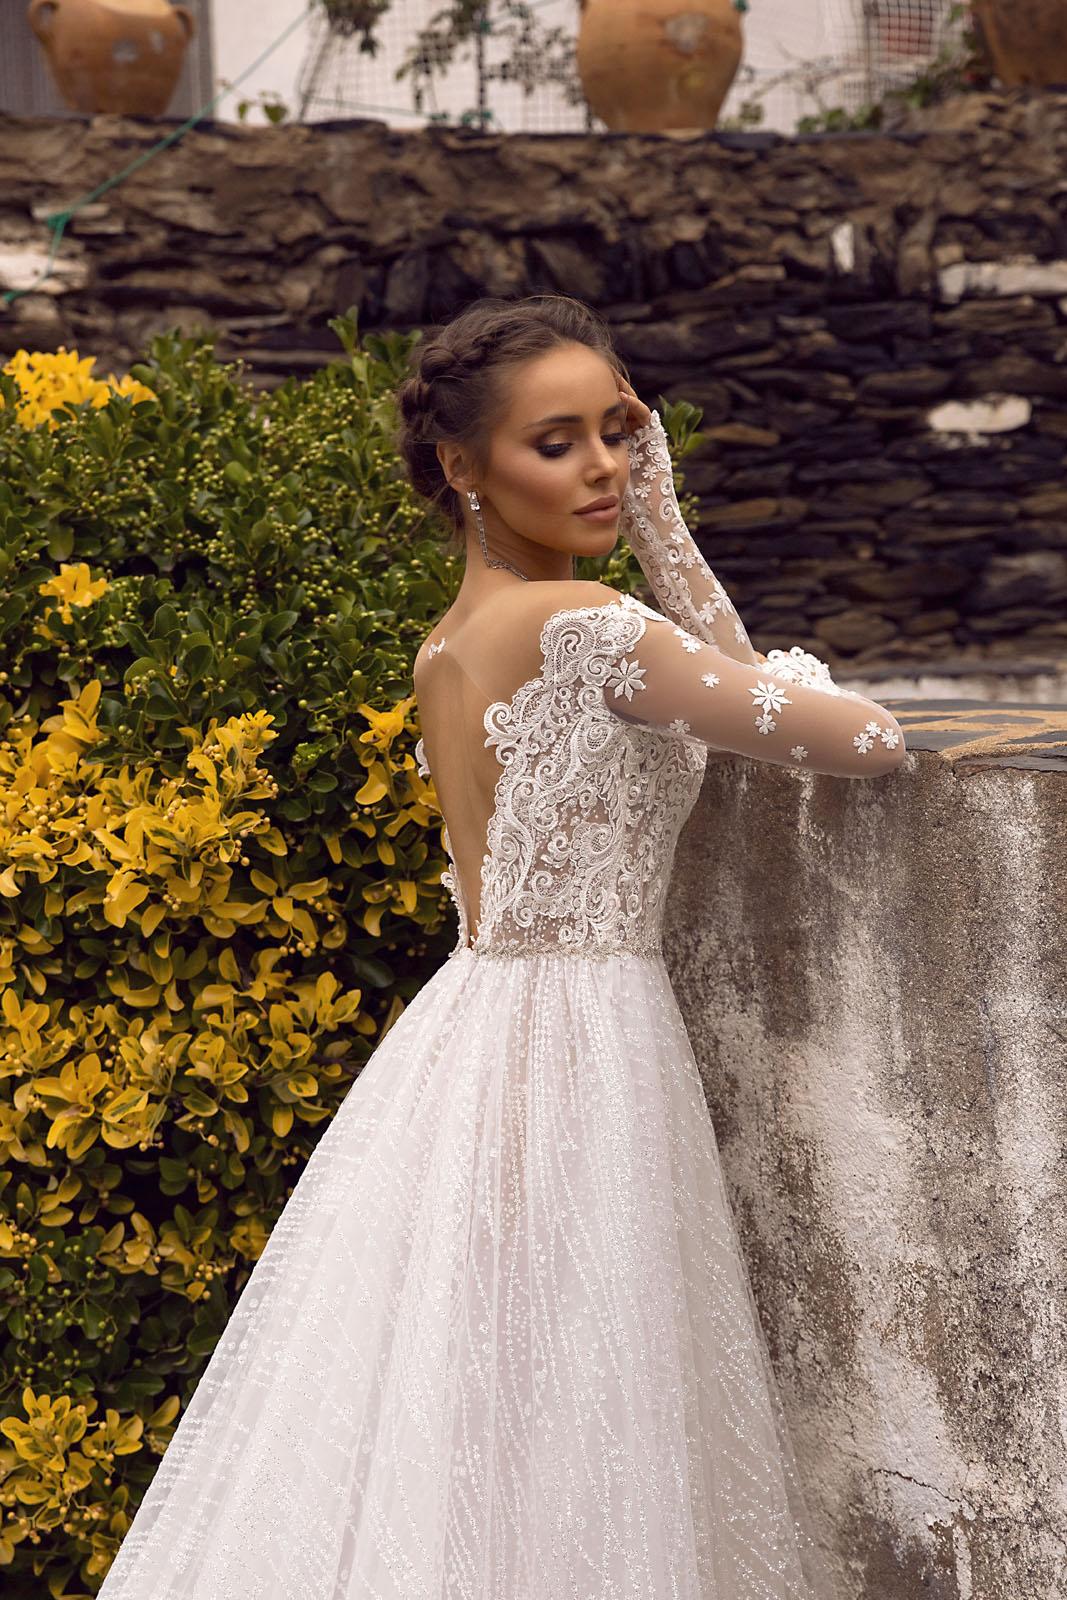 VERONA-Passion by Tina-Tina Valerdi - Suknie ślubne